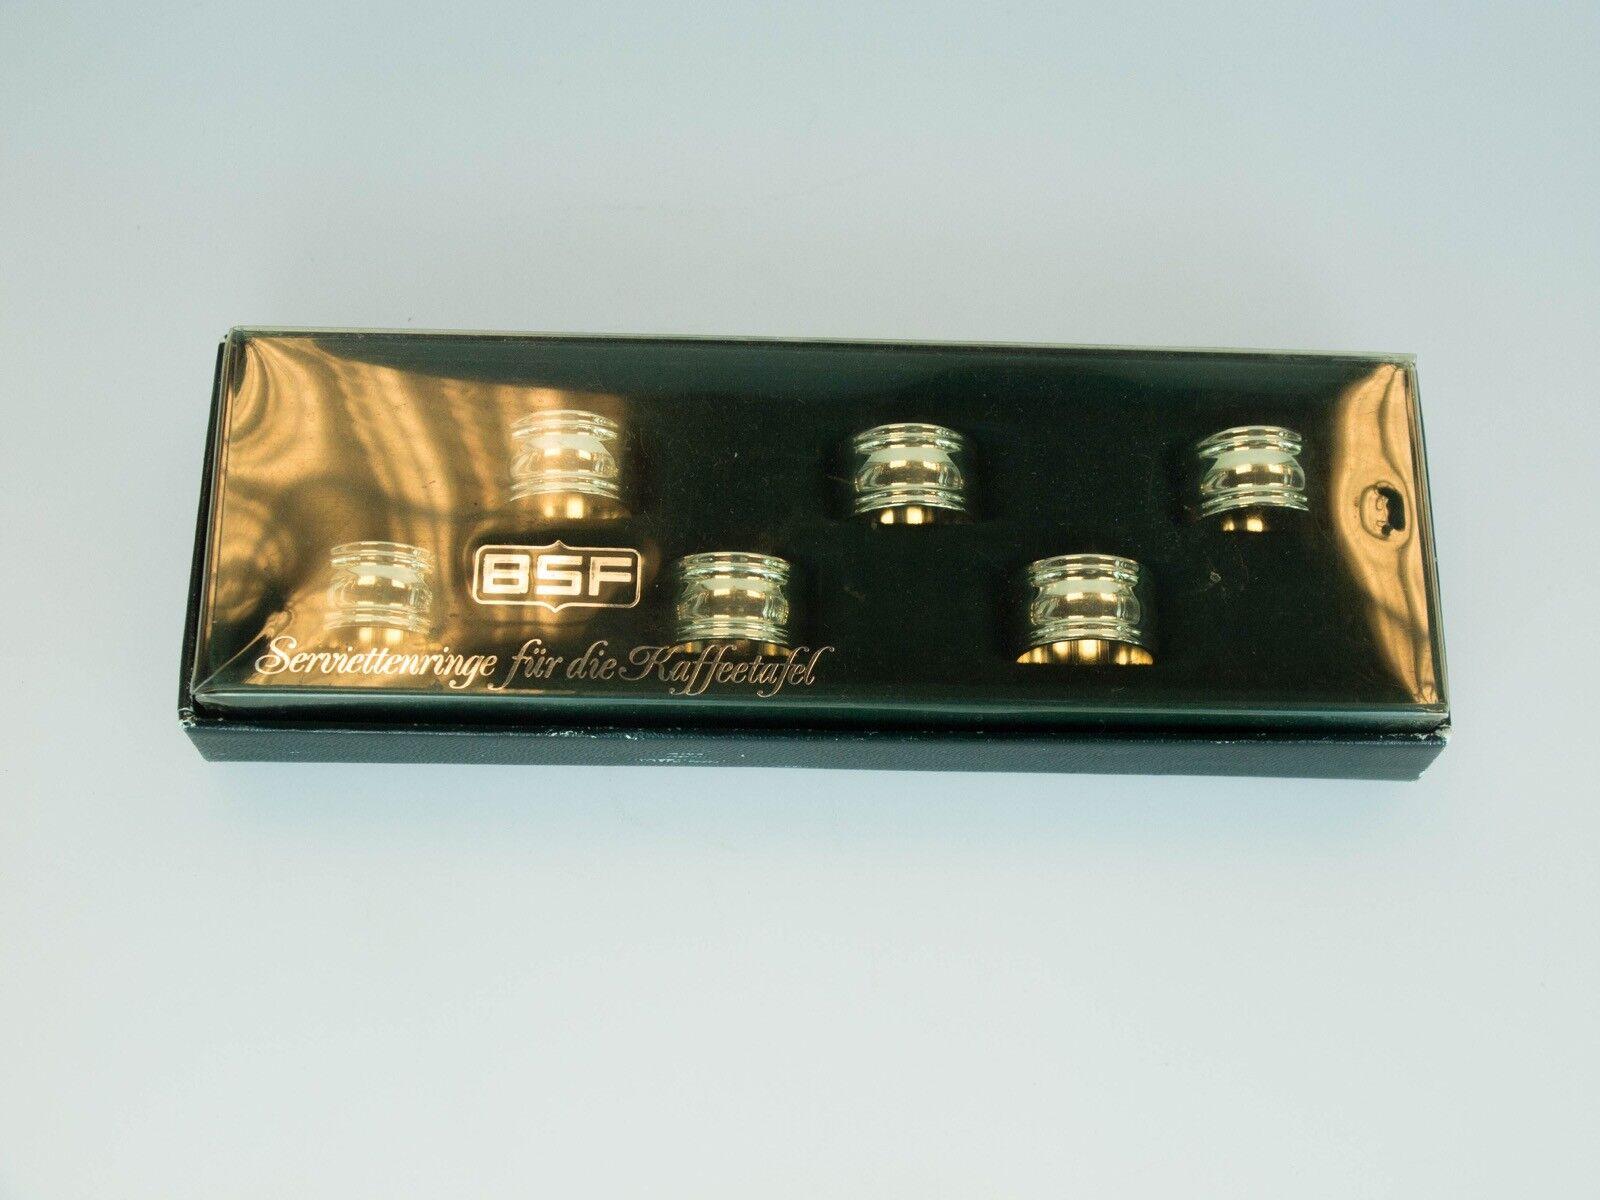 BSF Serviettenringe für die Kaffe Kaffe Kaffe Tafel Wie neu Bestzustand Serviettenringe TOP | Vorzüglich  abf1be